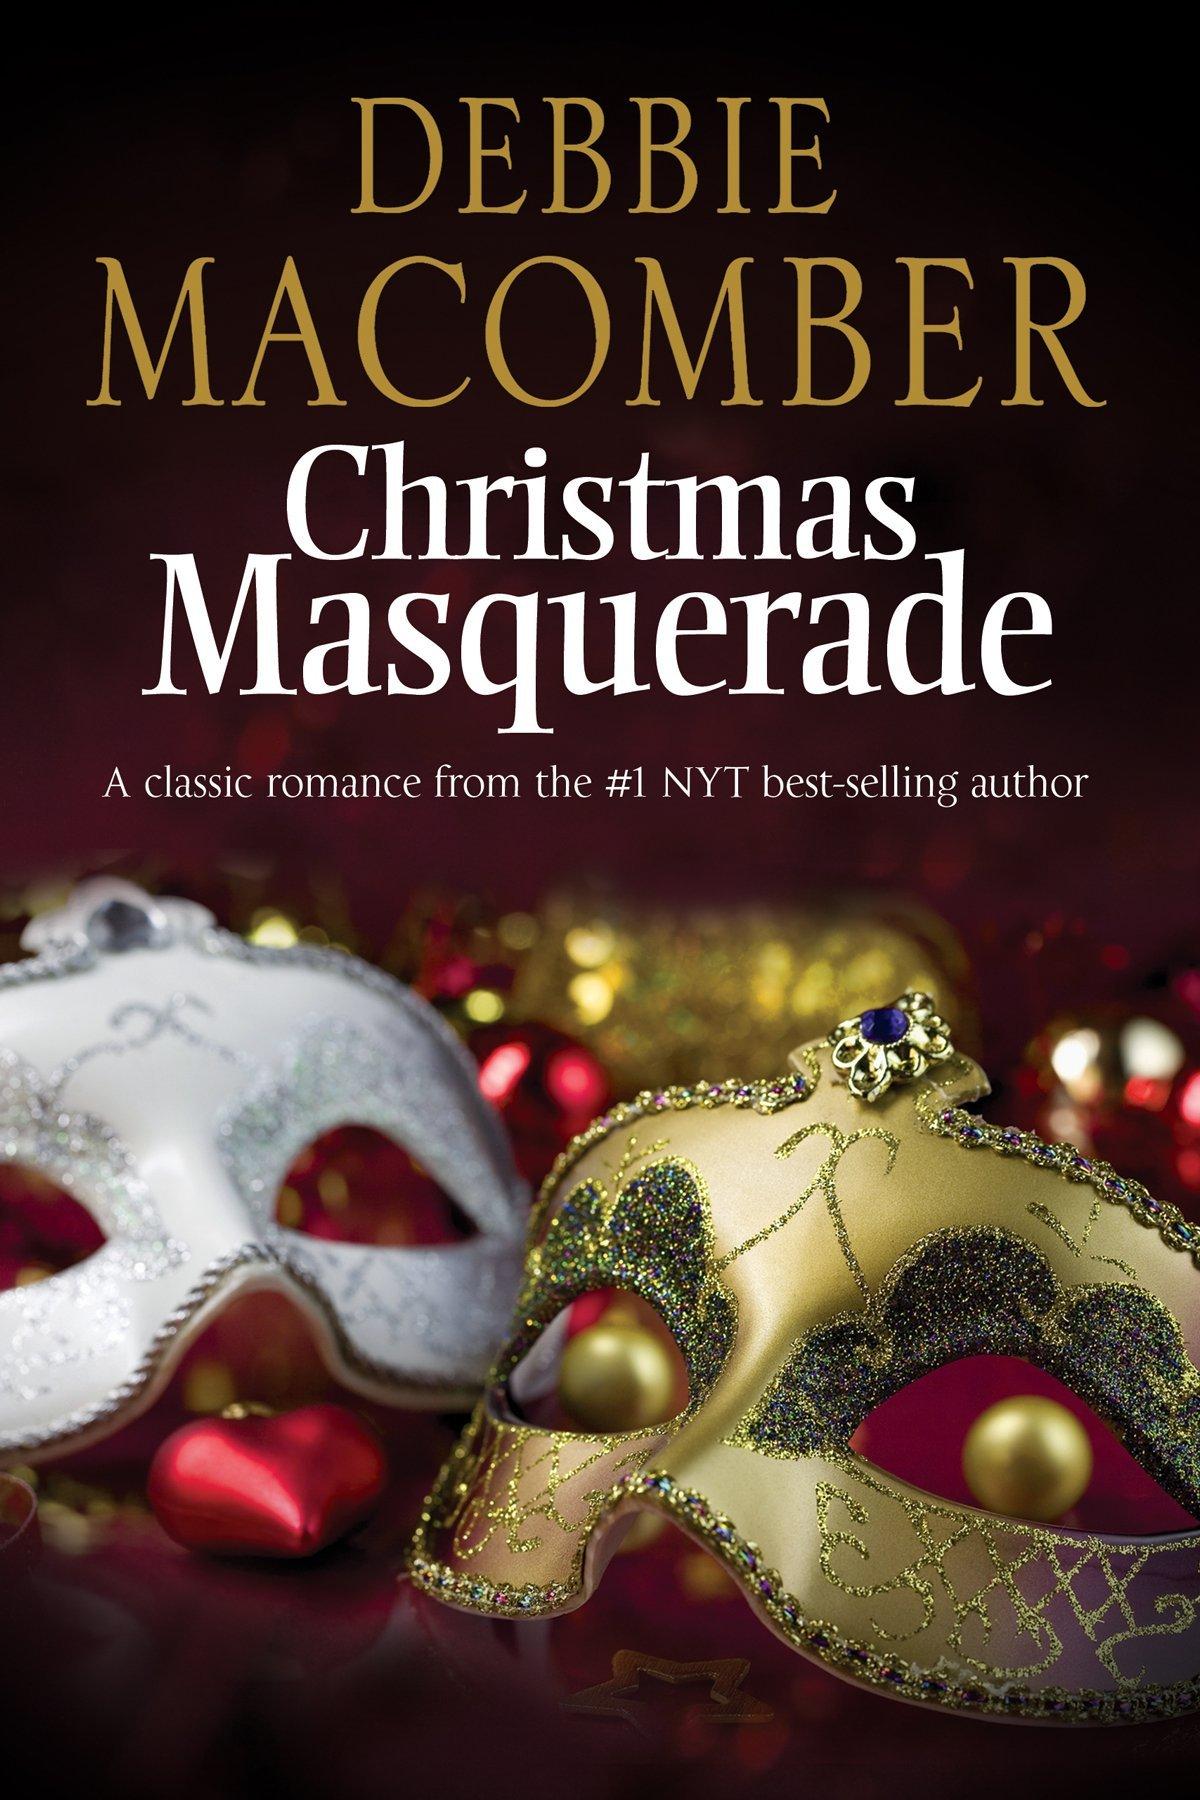 a5d60e4aab8e Amazon.com: Christmas Masquerade (9780727886521): Debbie Macomber: Books